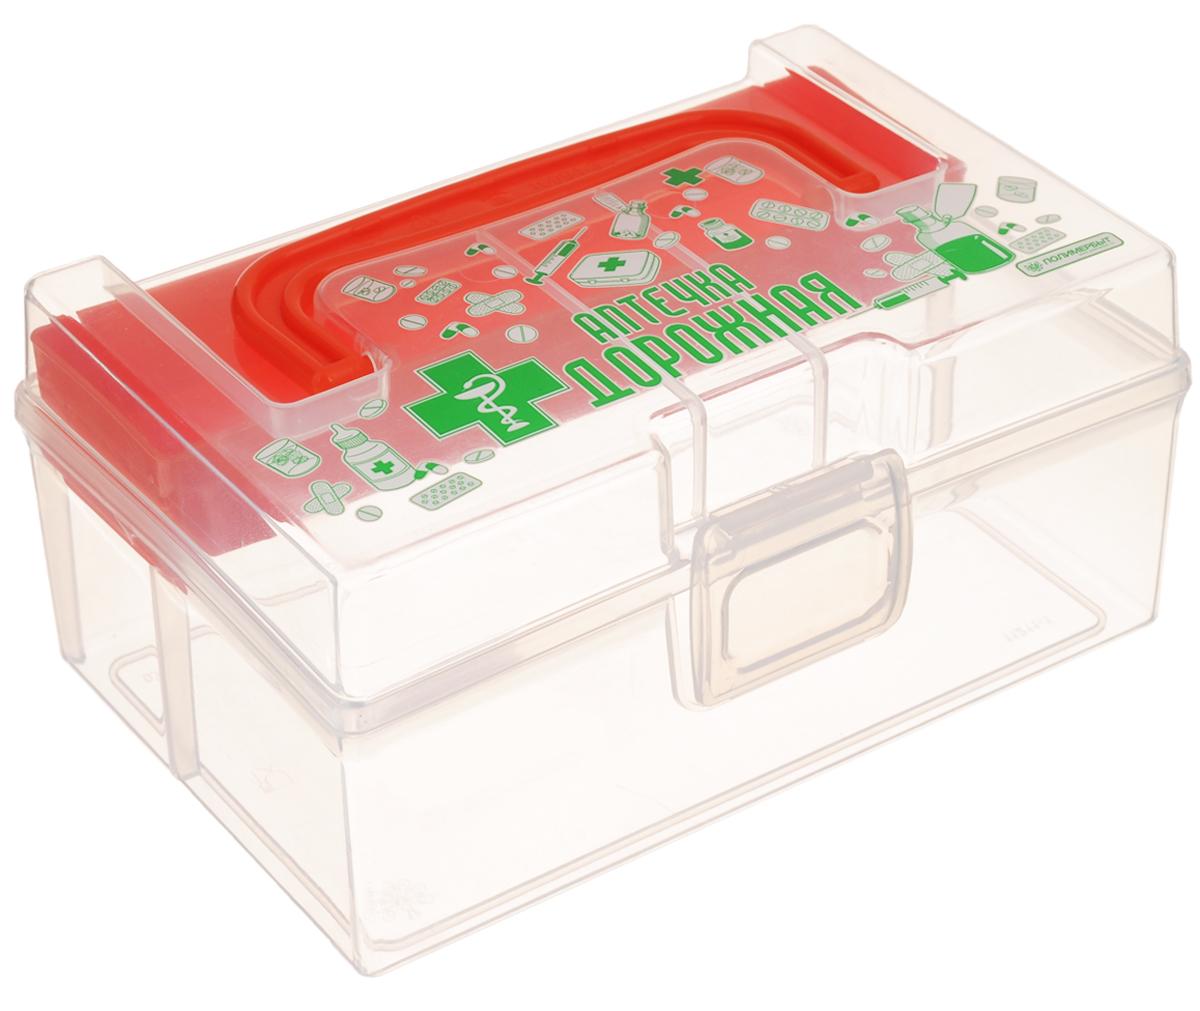 Контейнер для аптечки Полимербыт Аптечка дорожная, с вкладышем, цвет: оранжевый, прозрачный, 800 мл19199Контейнер Полимербыт Аптечка дорожная выполнен из прозрачного пластика. Для удобства переноски сверху имеется ручка. Внутрь вставляется цветной вкладыш с одним отделением. Контейнер плотно закрывается крышкой с защелками. Контейнер для аптечки Полимербыт Аптечка дорожная очень вместителен и поможет вам хранить все лекарства в одном месте.Размер вкладыша: 16 х 4 х 2 см.